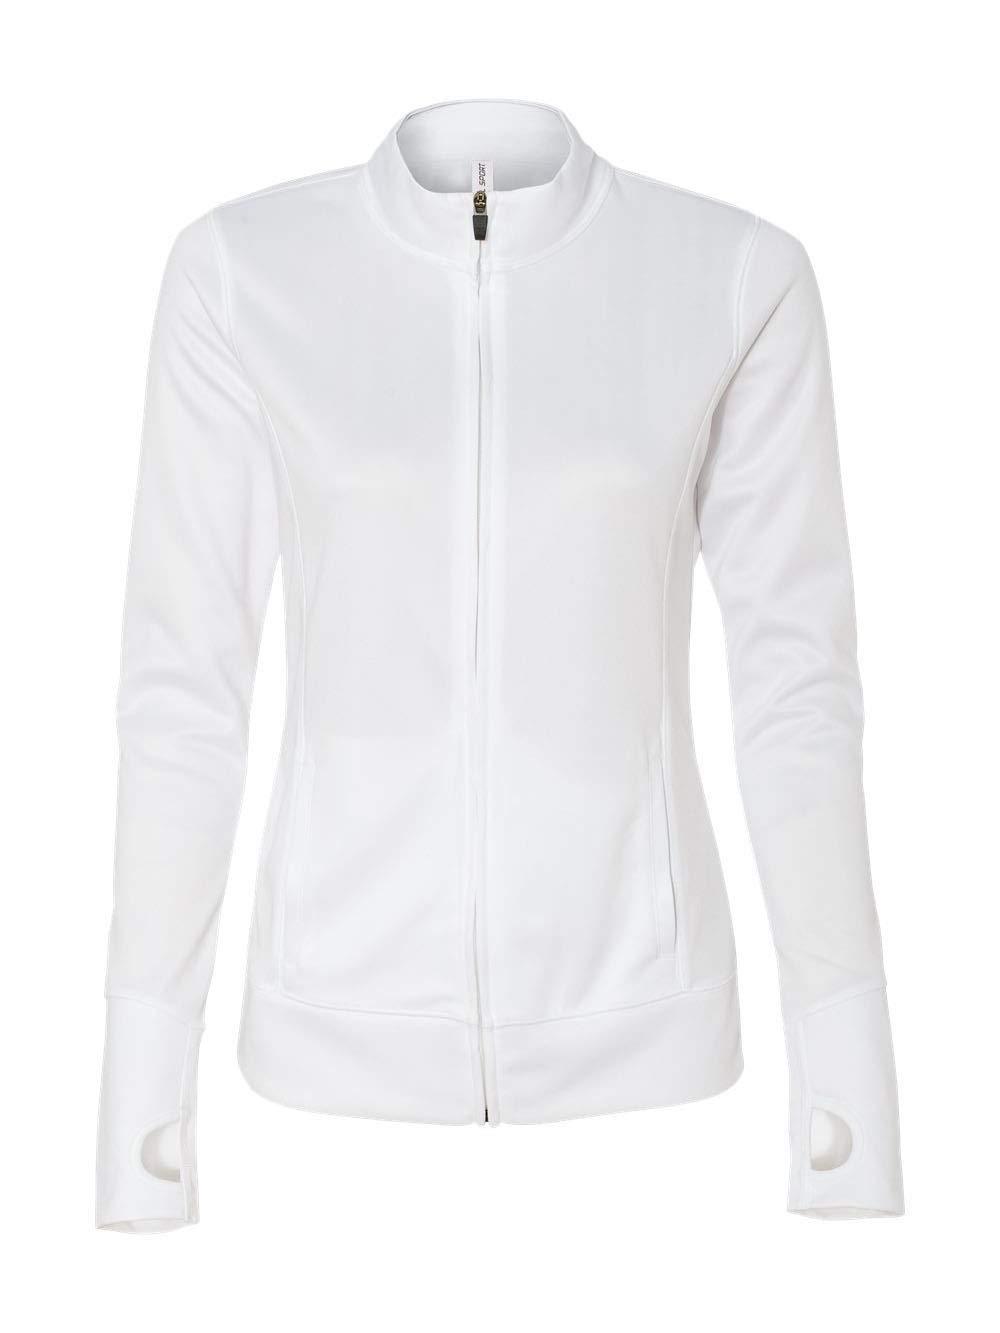 ALO Sport All Sport Womens Lightweight Jacket (W4009) -White -S